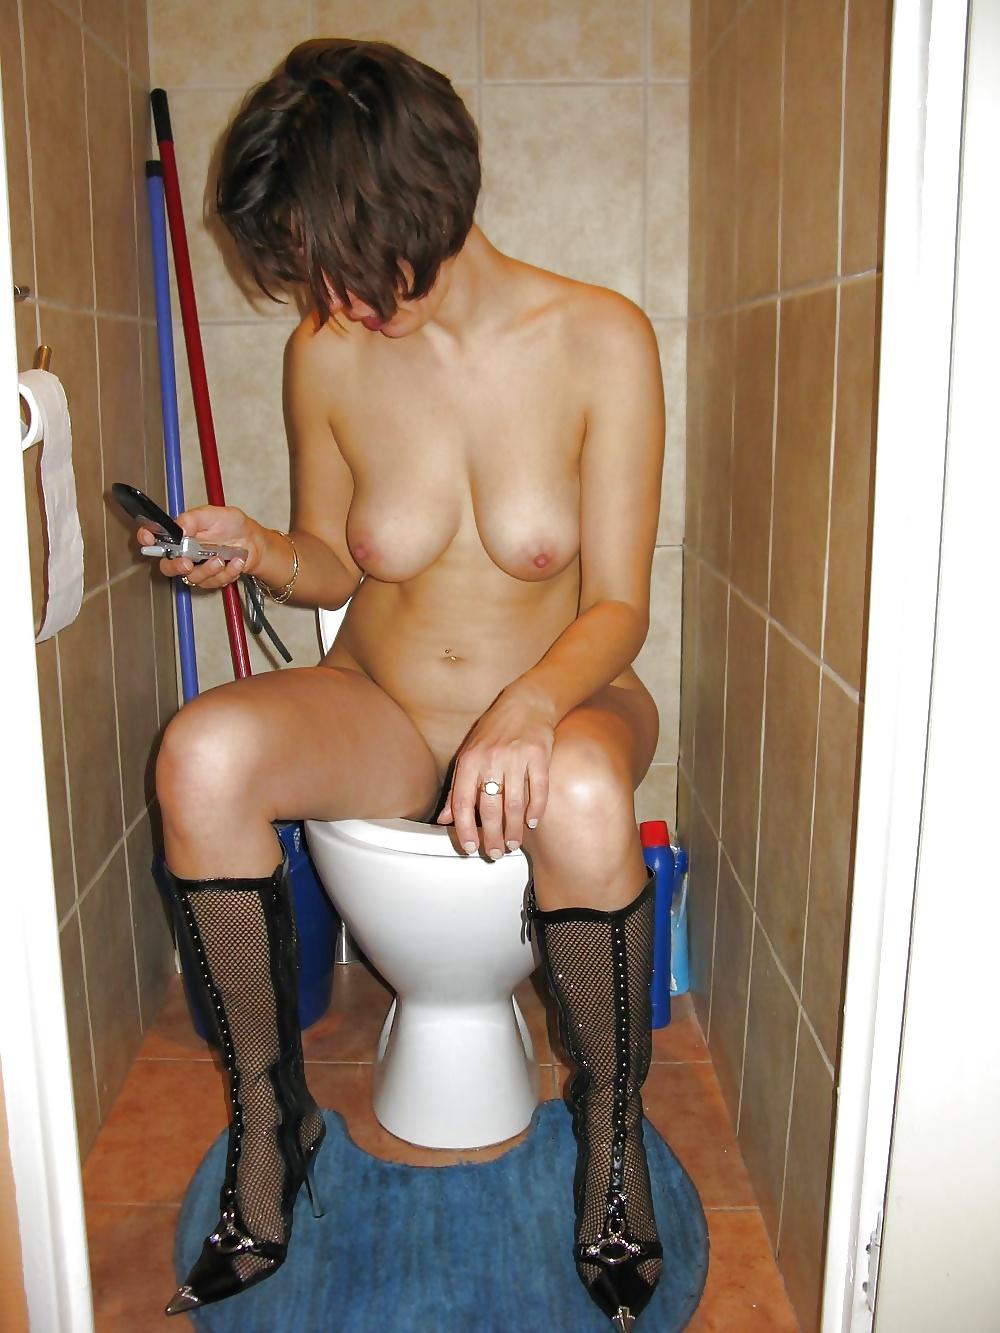 Эротика в туалете фото, общажные порно фото смотреть